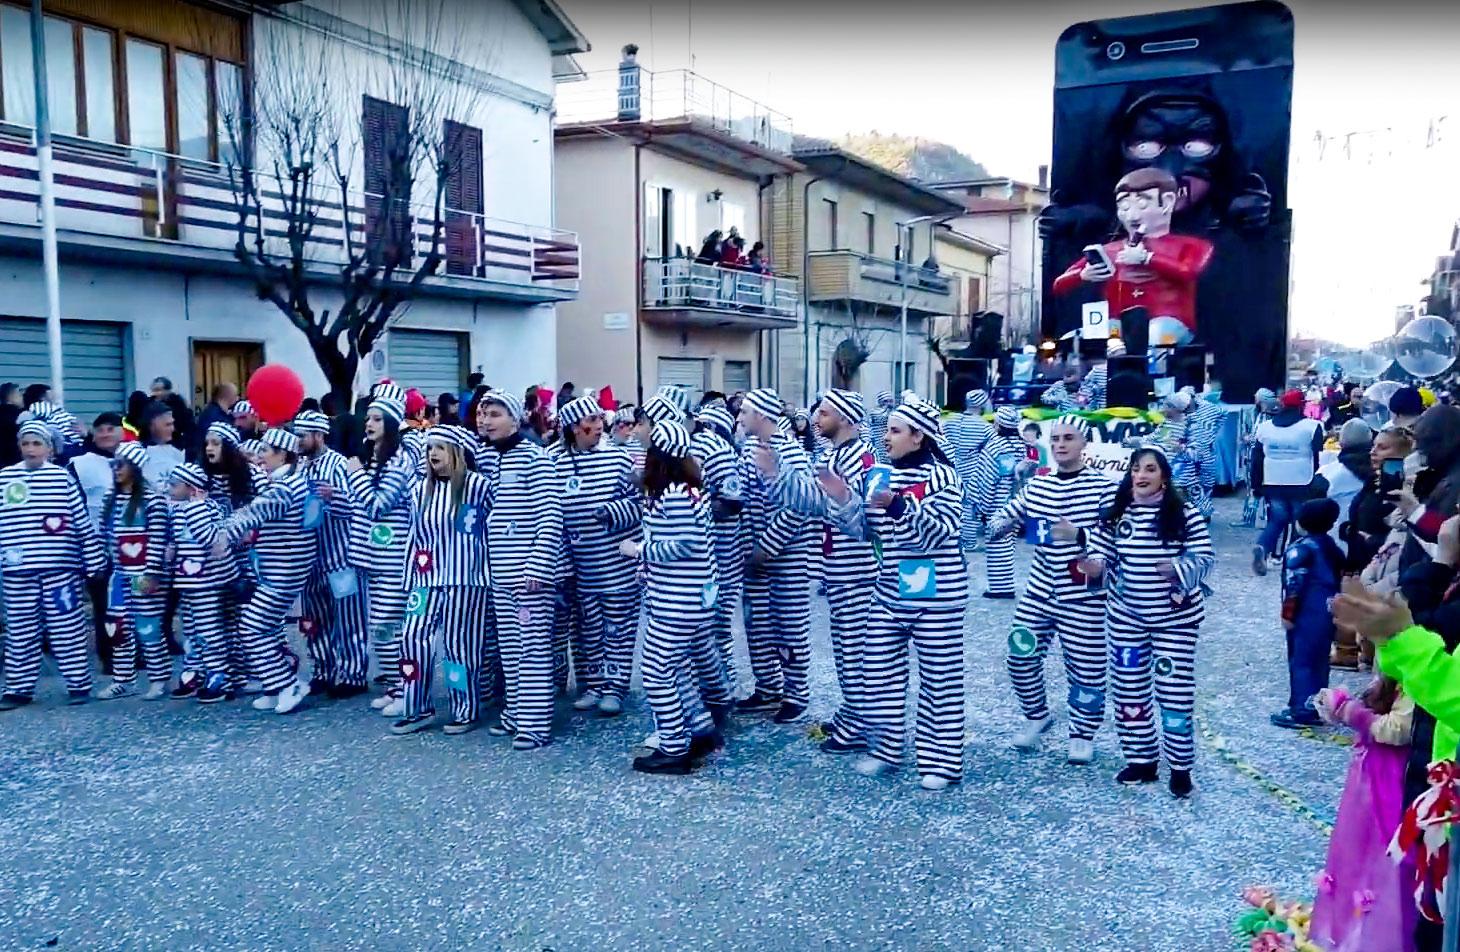 """Carnevale Marsicano, l'edizione 2020 è la più ricca di sempre, Vince il carro """"Dissocial Net"""", al secondo posto, il carro """"Patatar"""" e in terza posizione """"Peter Pan"""""""